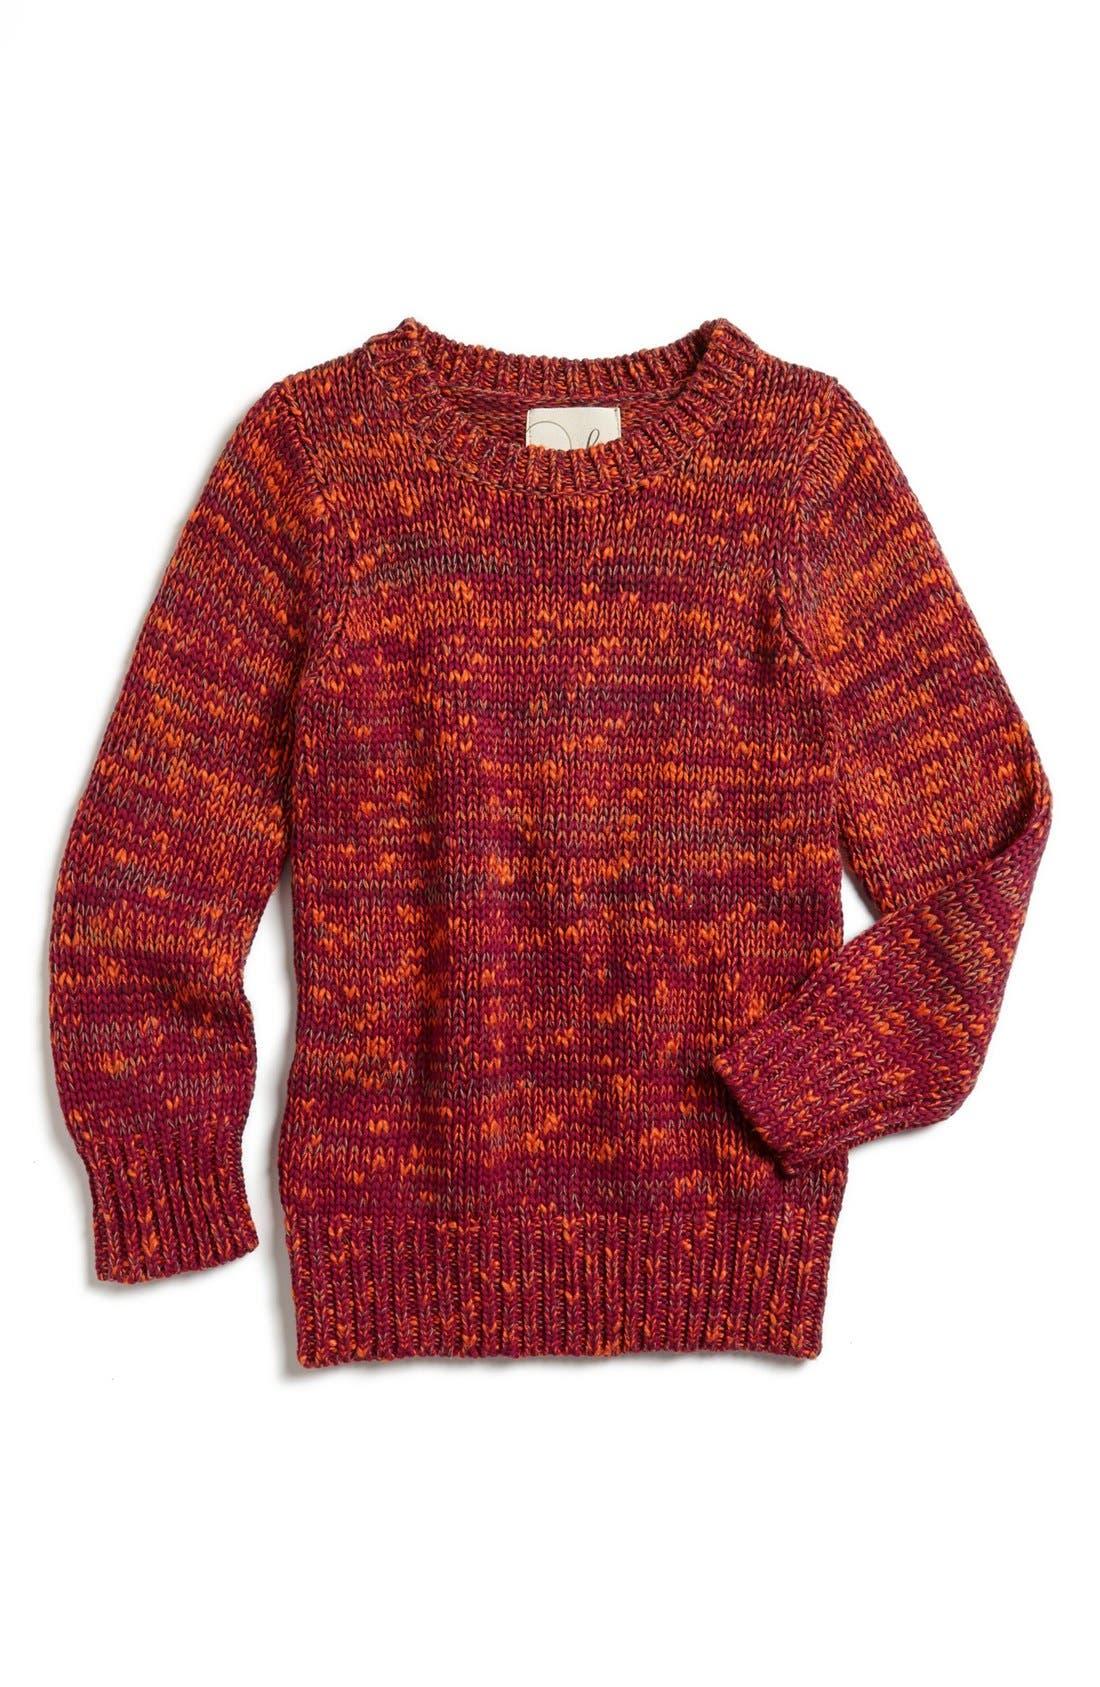 Alternate Image 1 Selected - Peek 'Jenna' Crewneck Sweater (Toddler Girls, Little Girls & Big Girls)